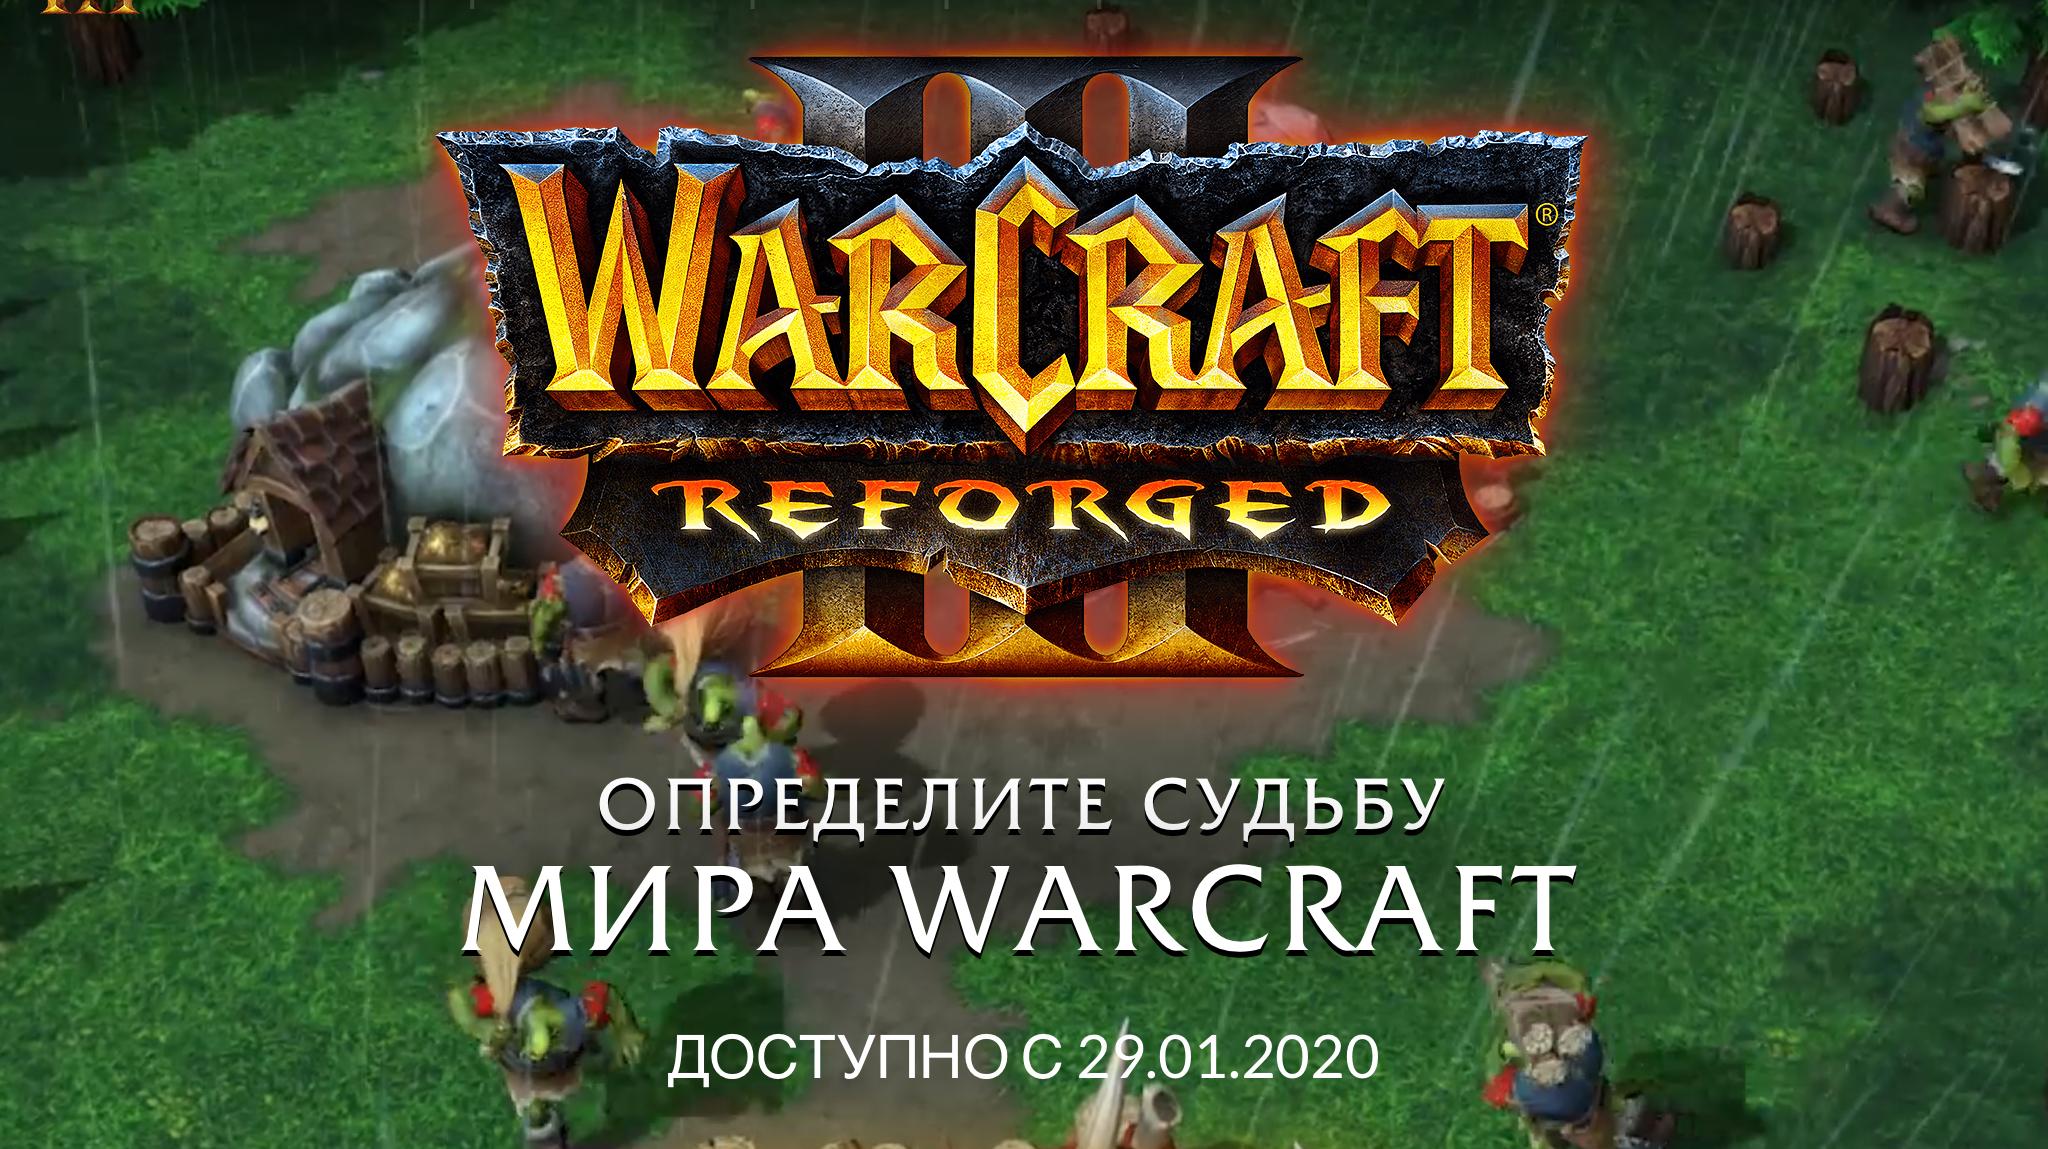 Blizzard Entertainment, Warcraft 3: Reforged